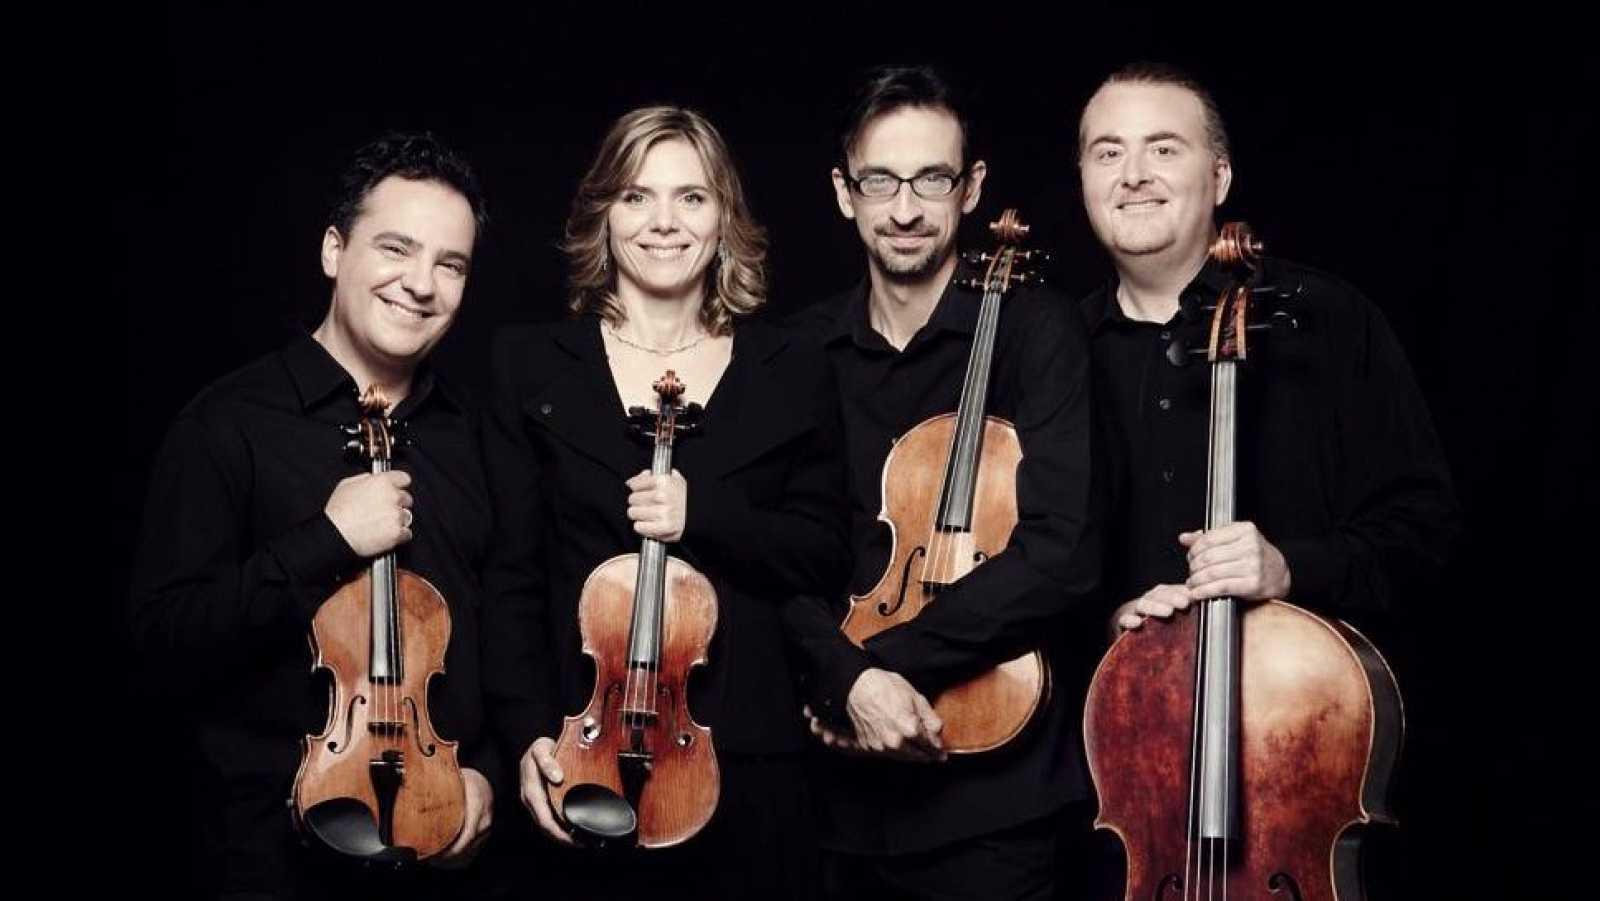 Fila cero - Fundación Juan March: Proyecto Conrado: integral de sus cuartetos (I) - 17/02/21 - escuchar ahora